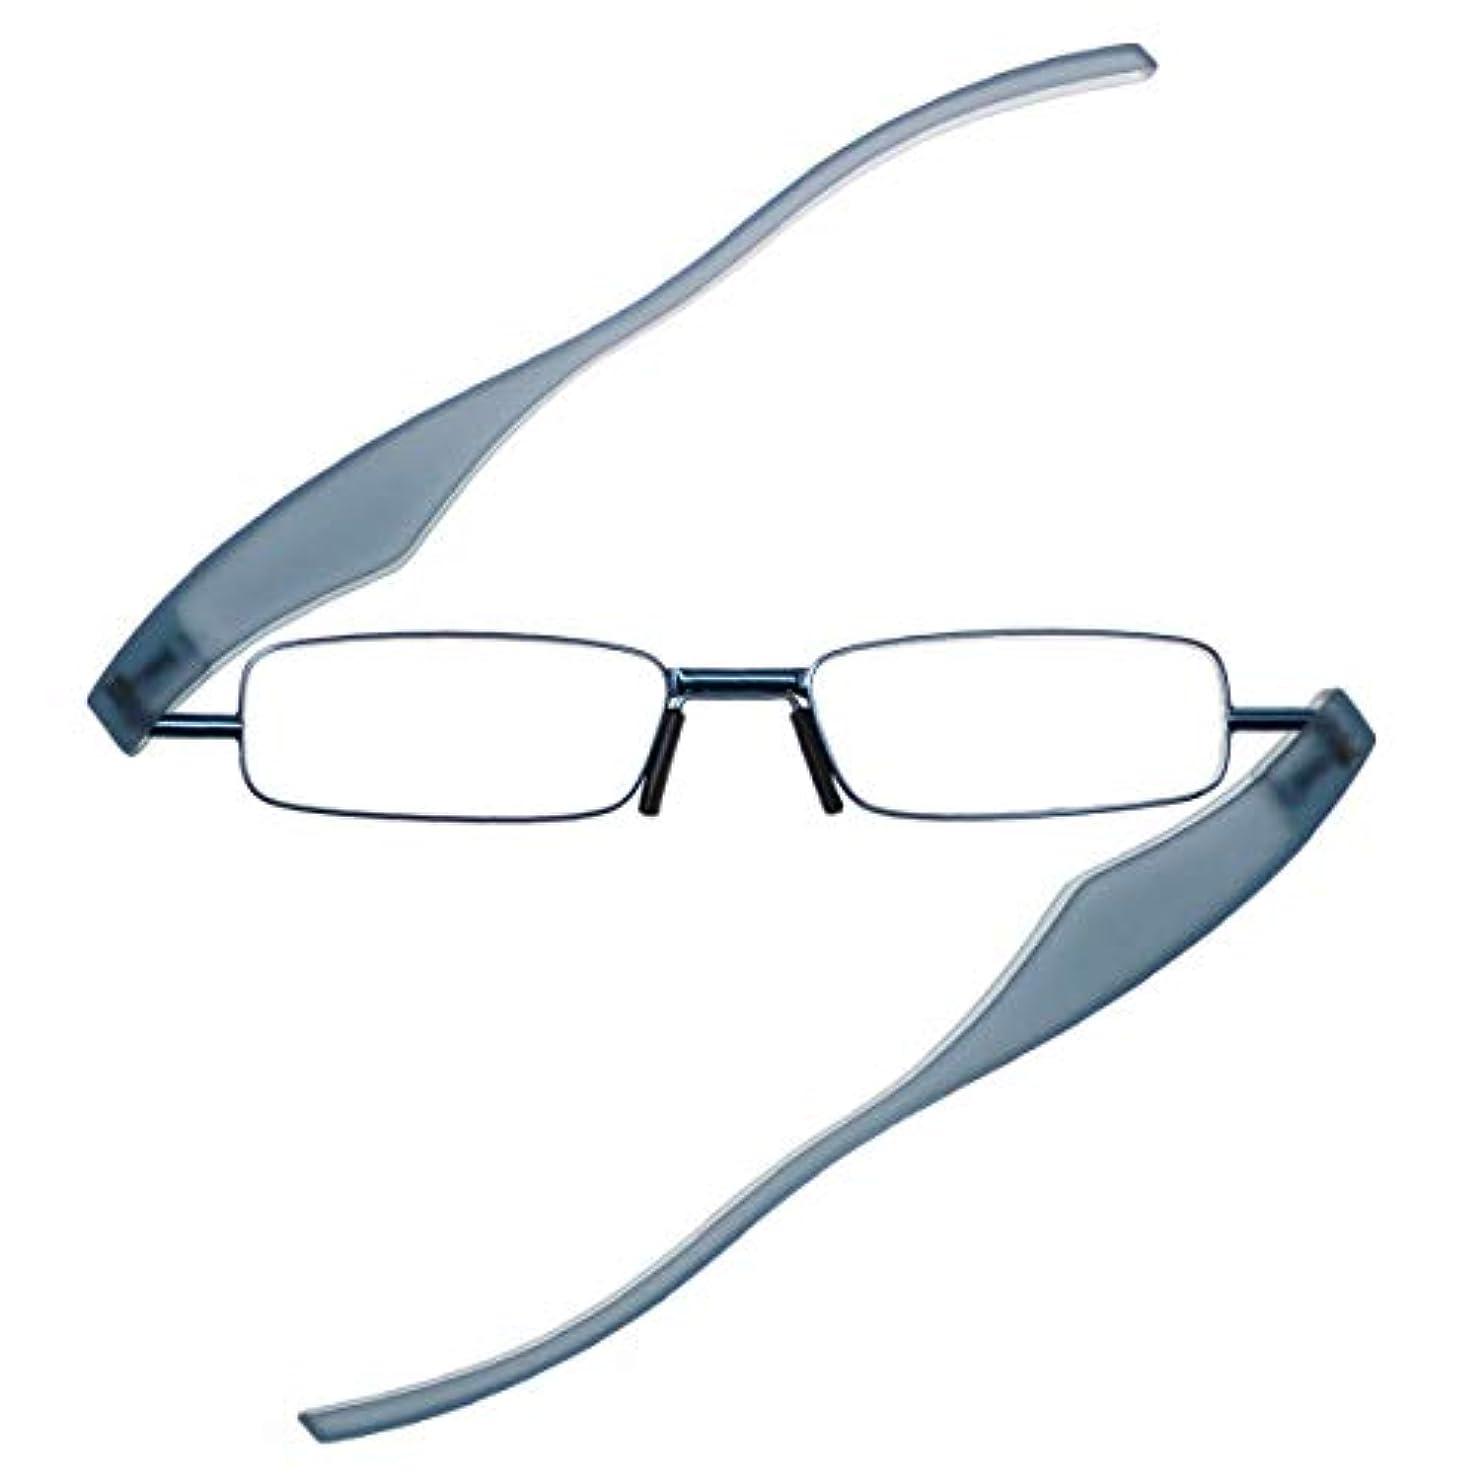 価値レンディション発音ポッドリーダースマートプラス ブルー 新型 ノーズパッド付 PodReader Smart 折りたたみ式 +1.0~+3.0 携帯 軽量 リーディンググラス スマホ老眼鏡 度数+1.00 BU